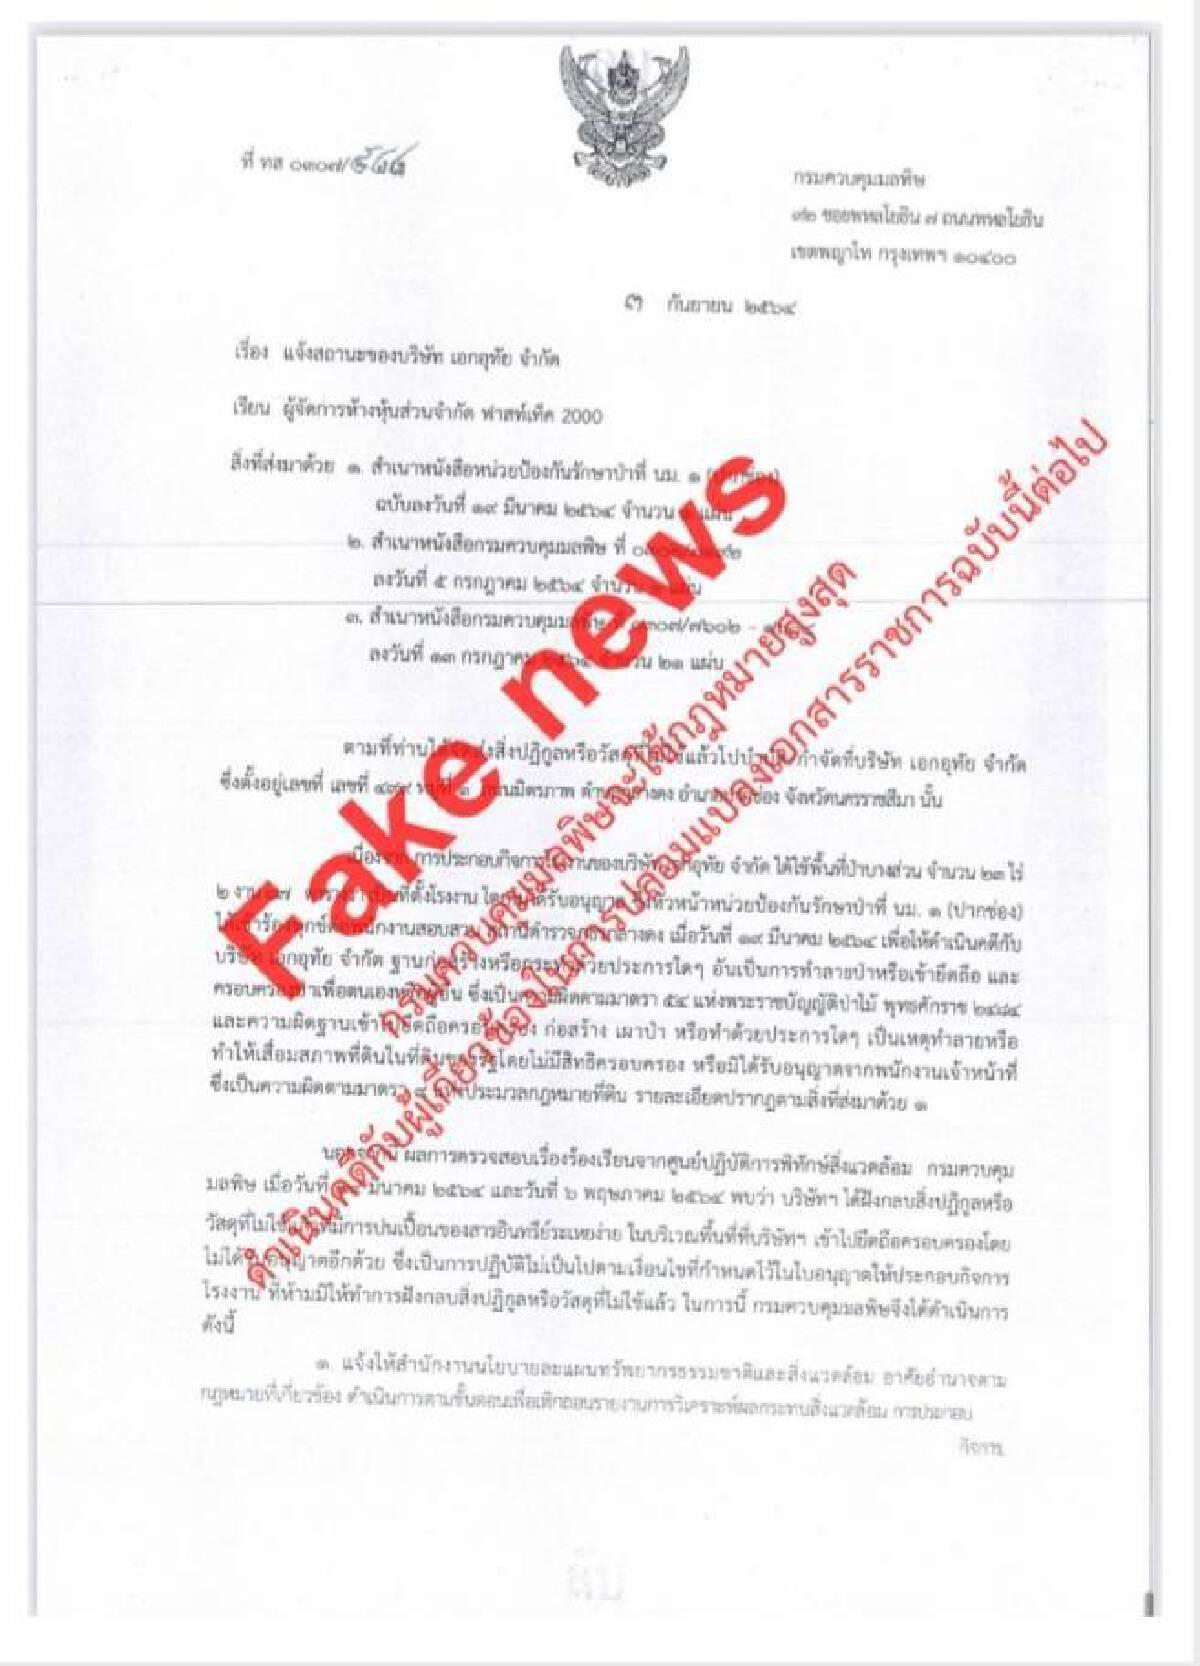 คพ. จ่อเอาผิดผู้ปลอมเอกสาร เรื่องแจงสถานะ  บริษัทรับจ้างกำจัดของเสีย